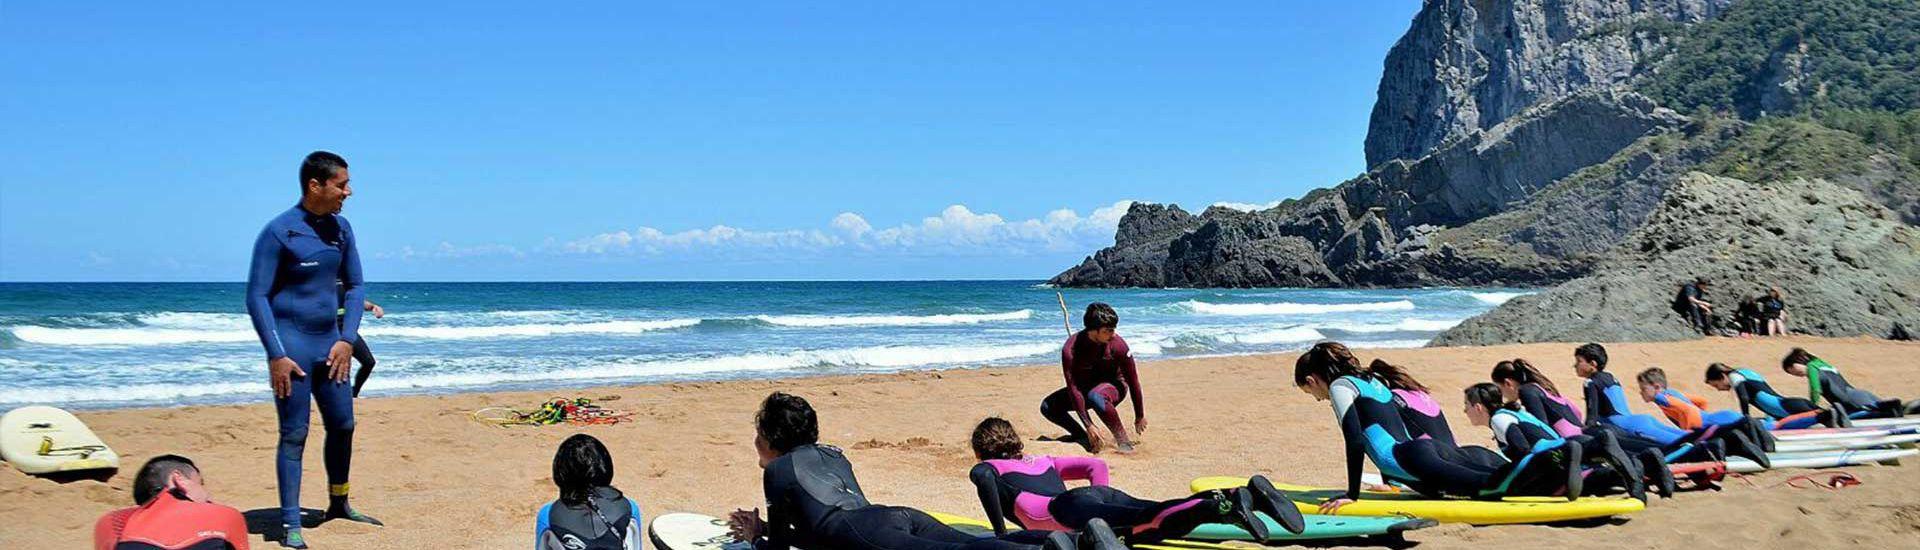 Surf Camp Semana Santa País Vasco